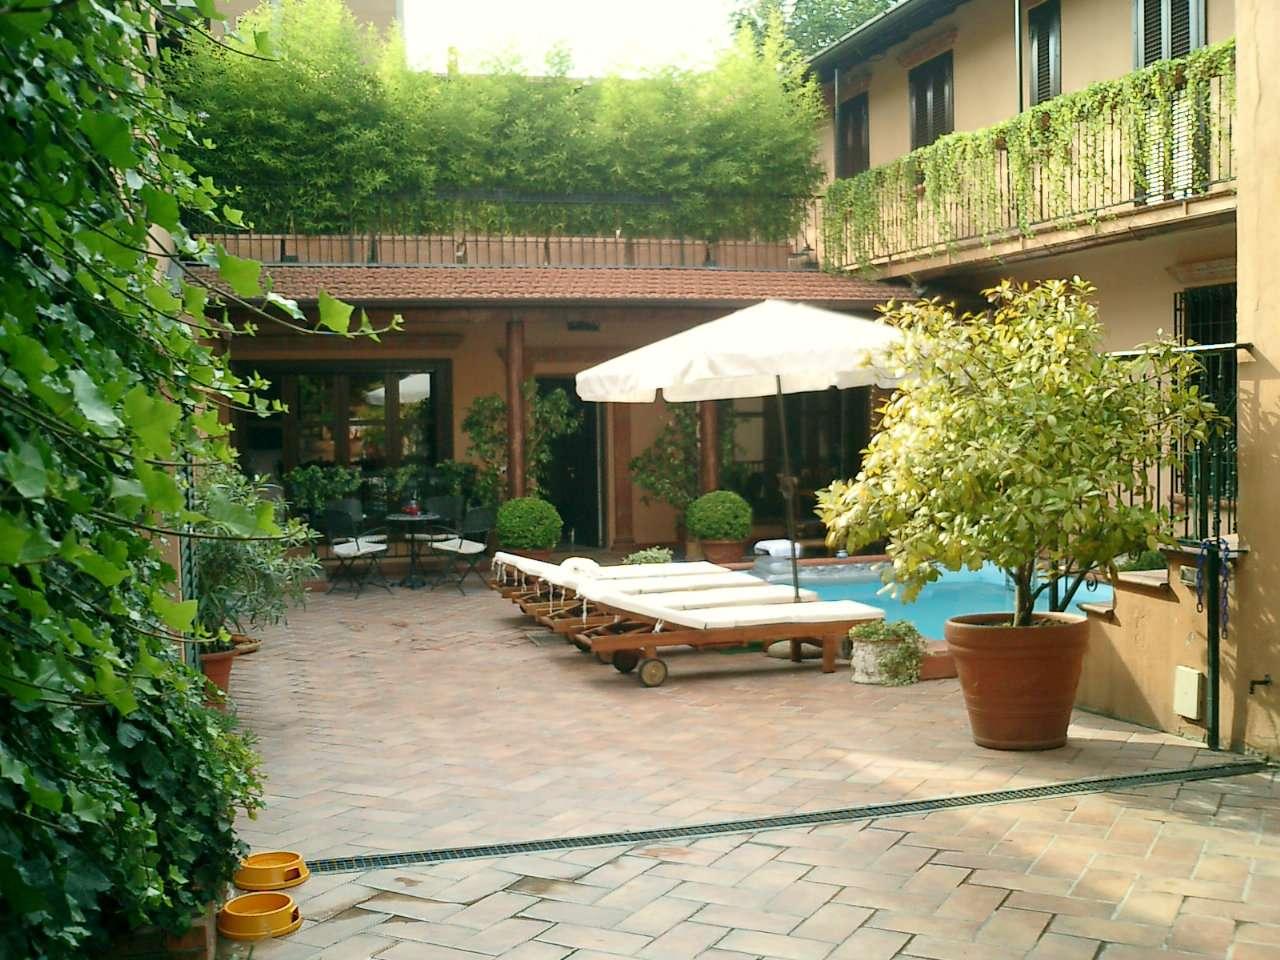 Milano - Porta Genova - Esclusiva proprietà con terrazzo e piscina, foto 12